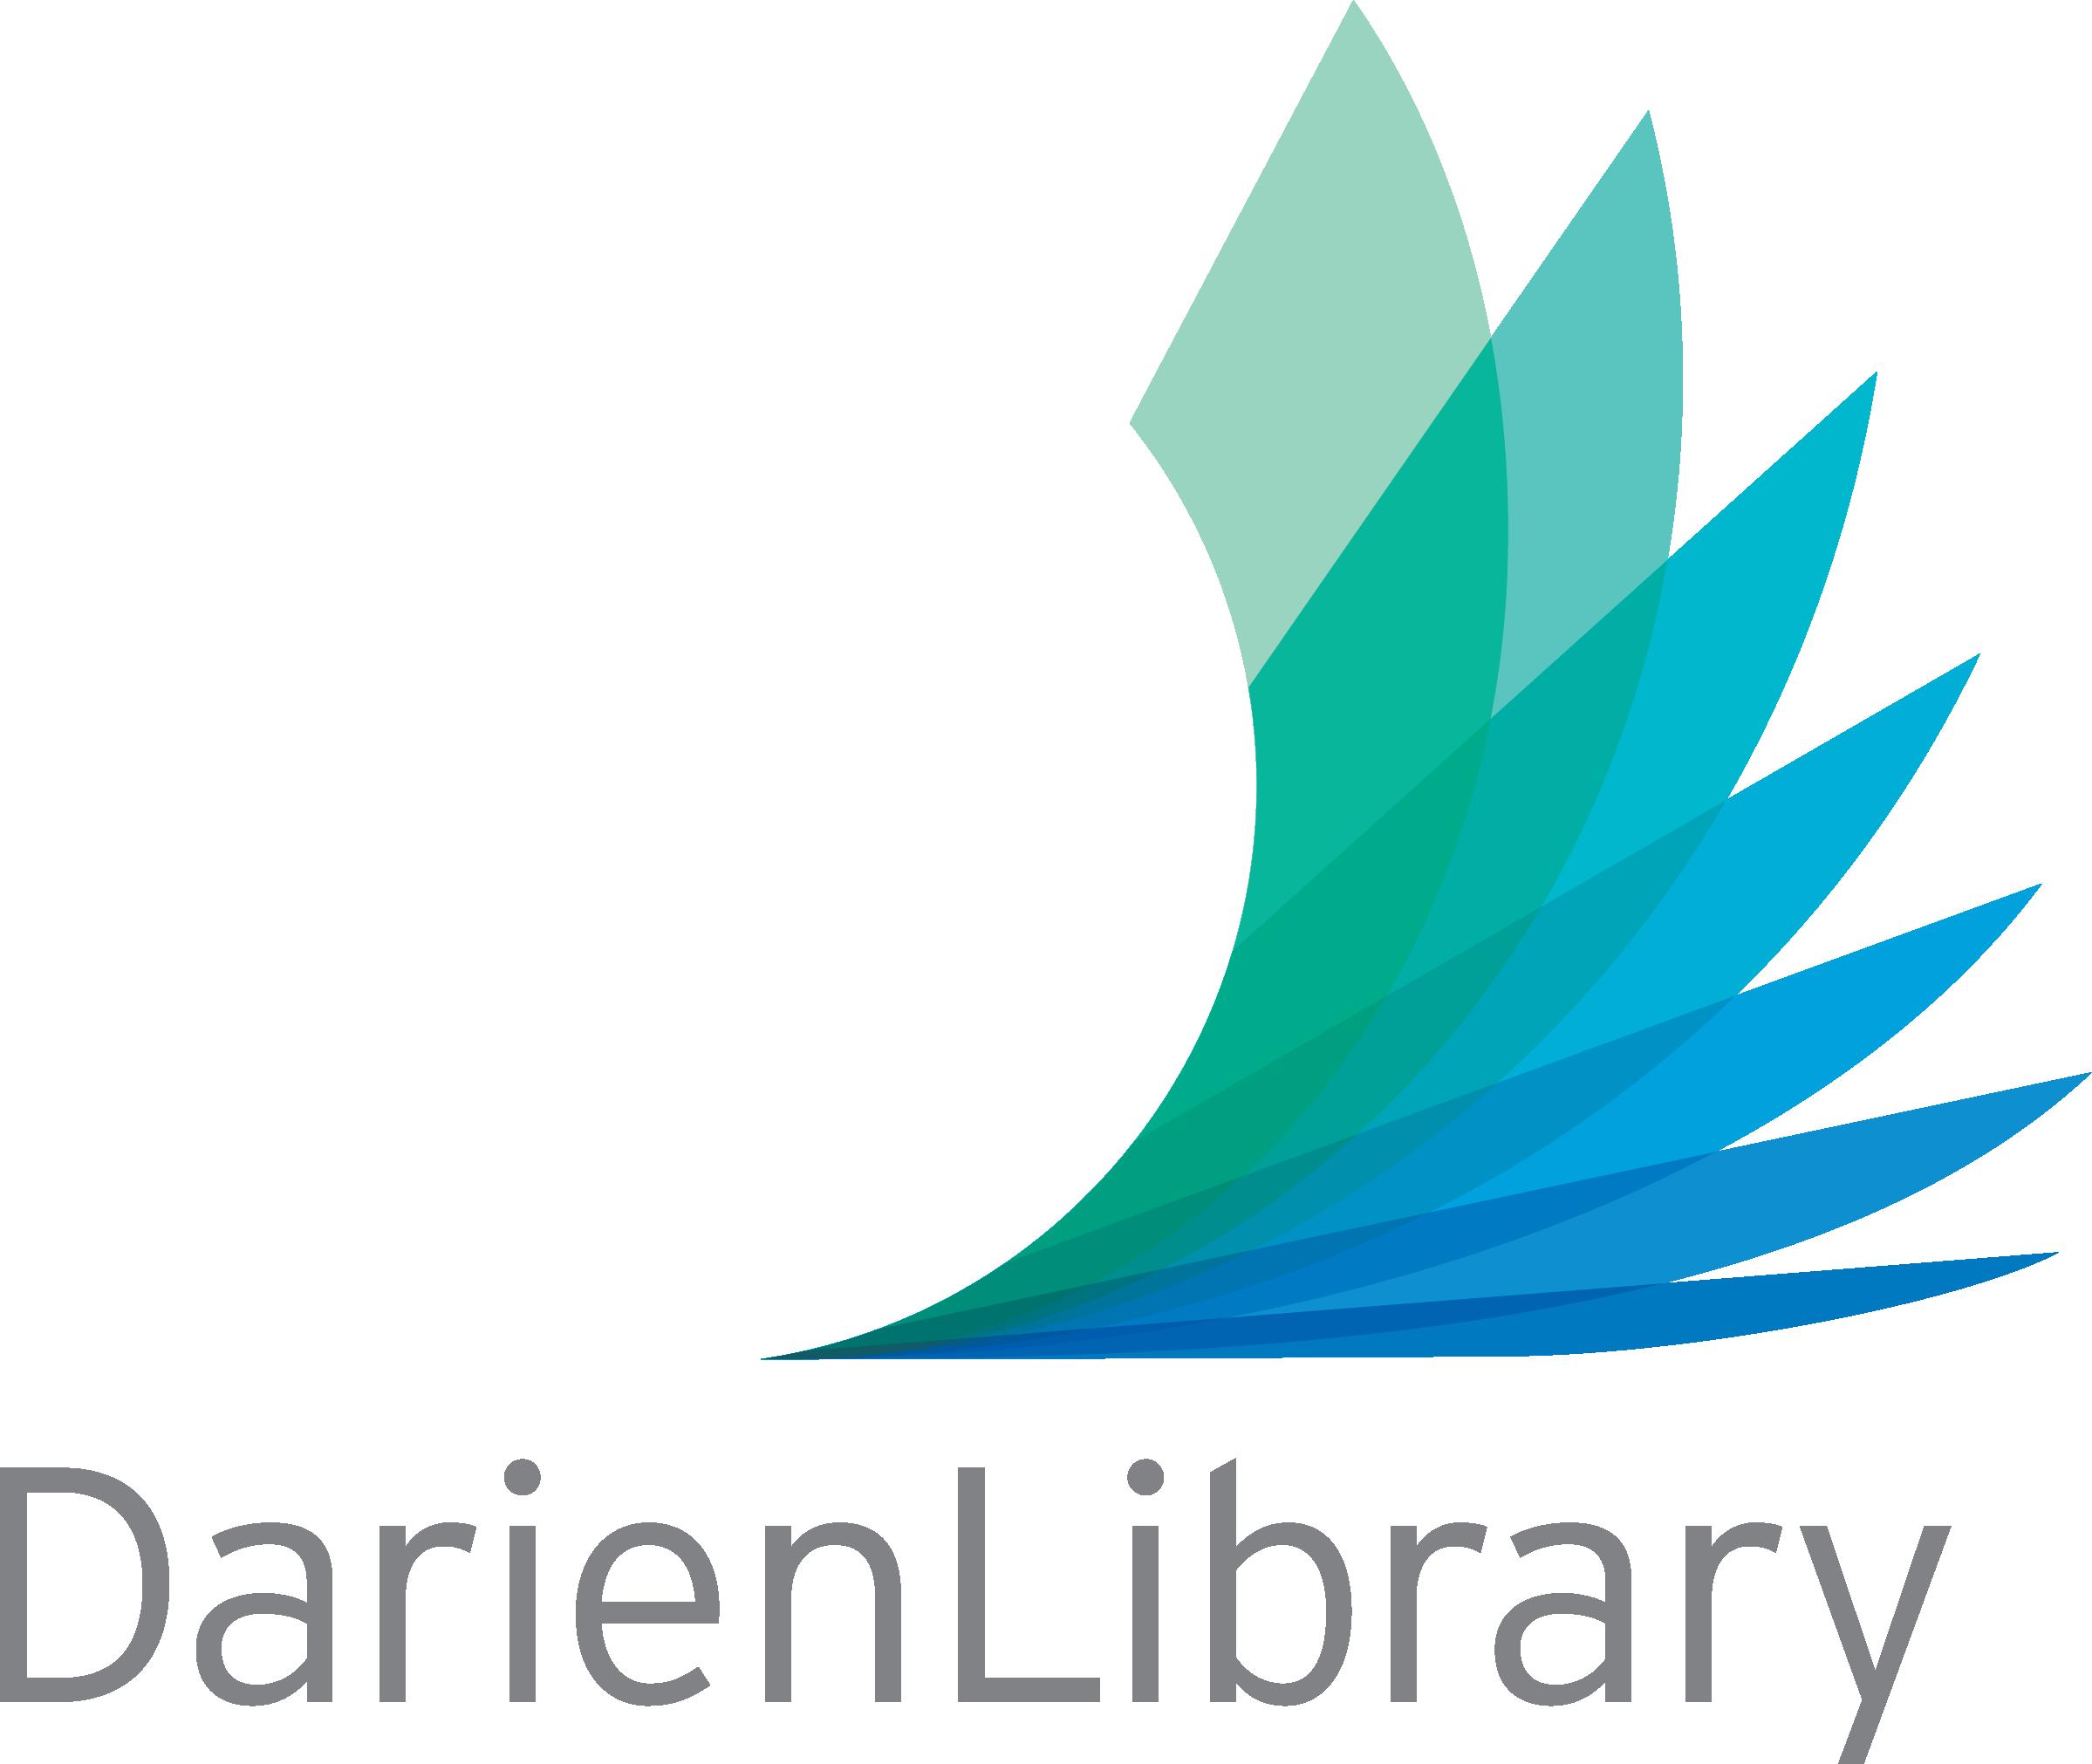 Darien Library, Inc. Company Logo